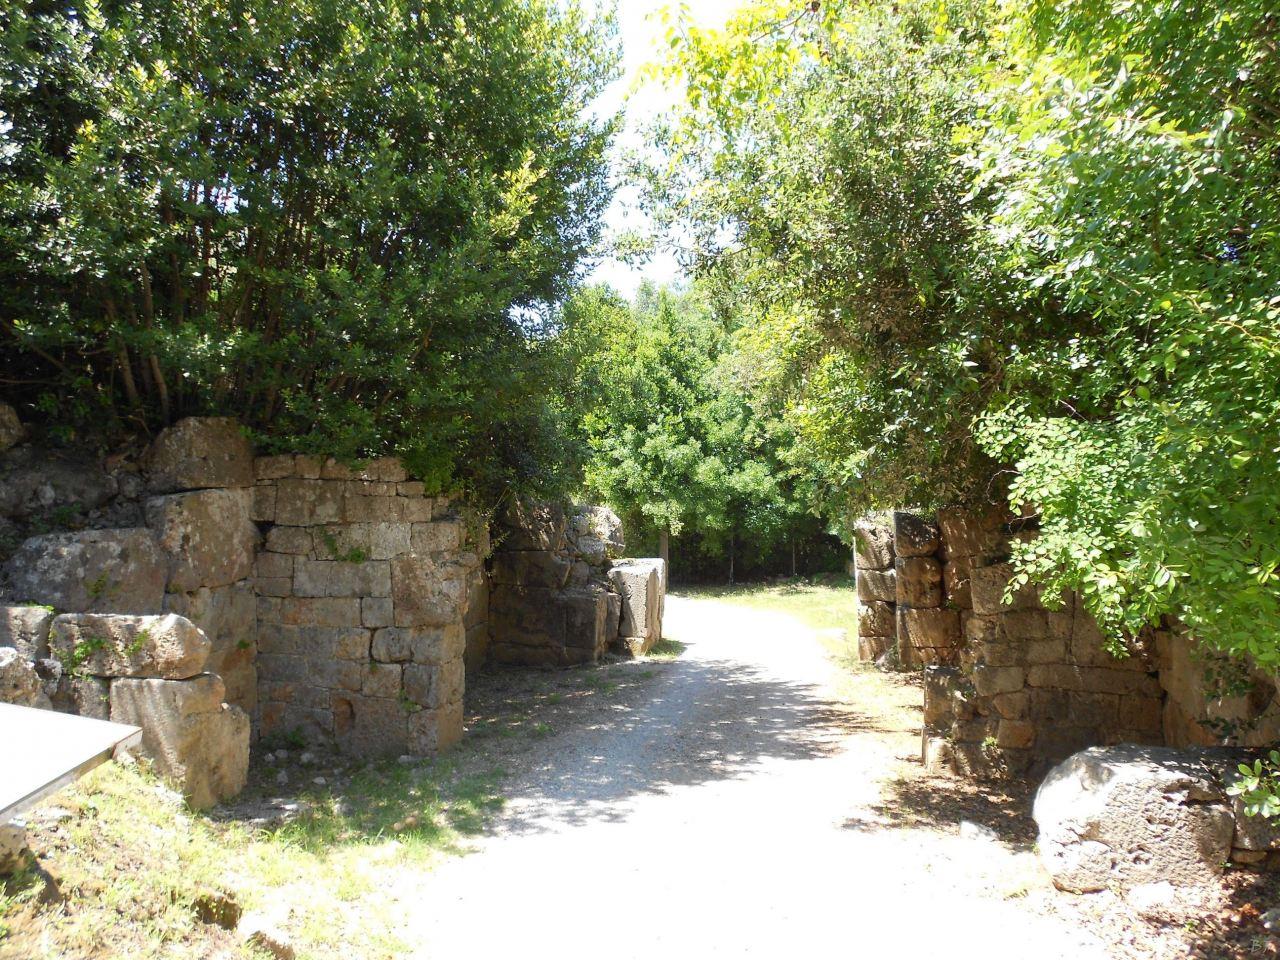 Cosa-Mura-Megalitiche-Ansedonia-Grosseto-Toscana-Italia-43